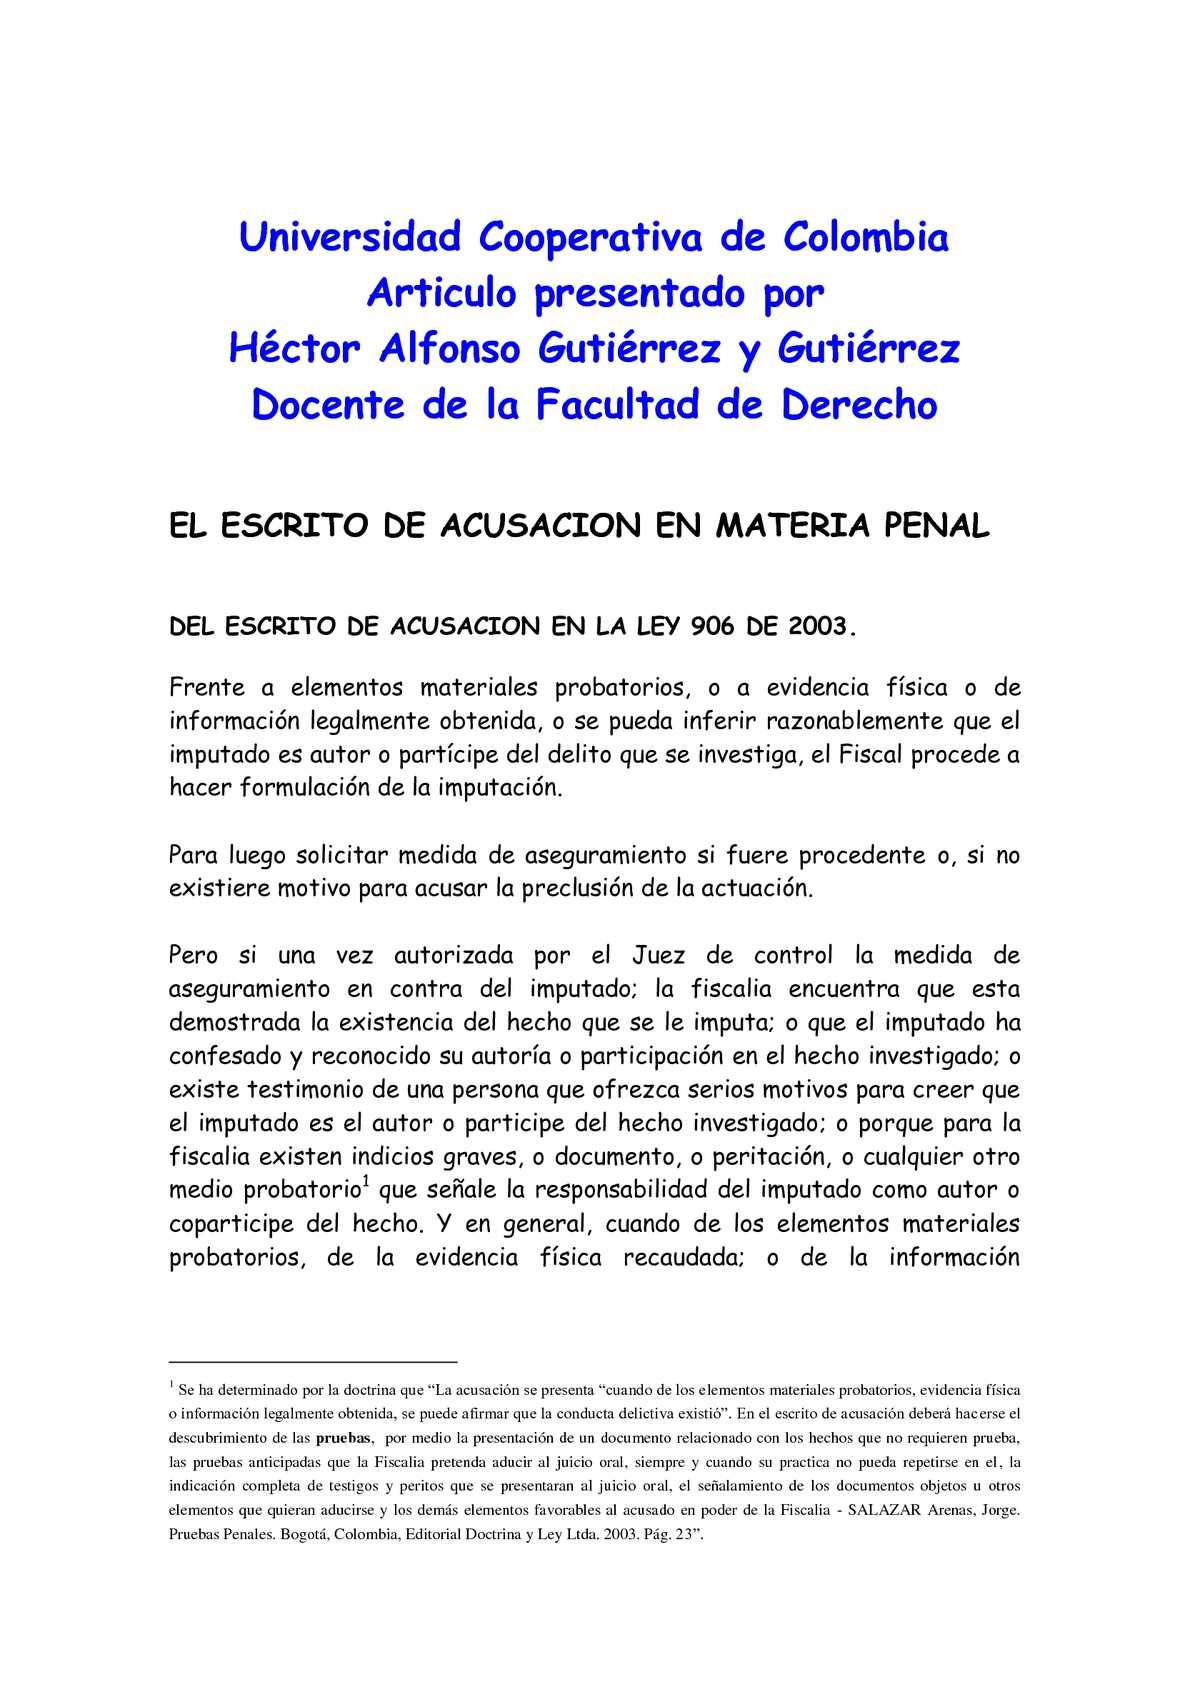 Calaméo - ESCRITO DE ACUSACION EN LA LEY 906 DE 2004 - COLOMBIA